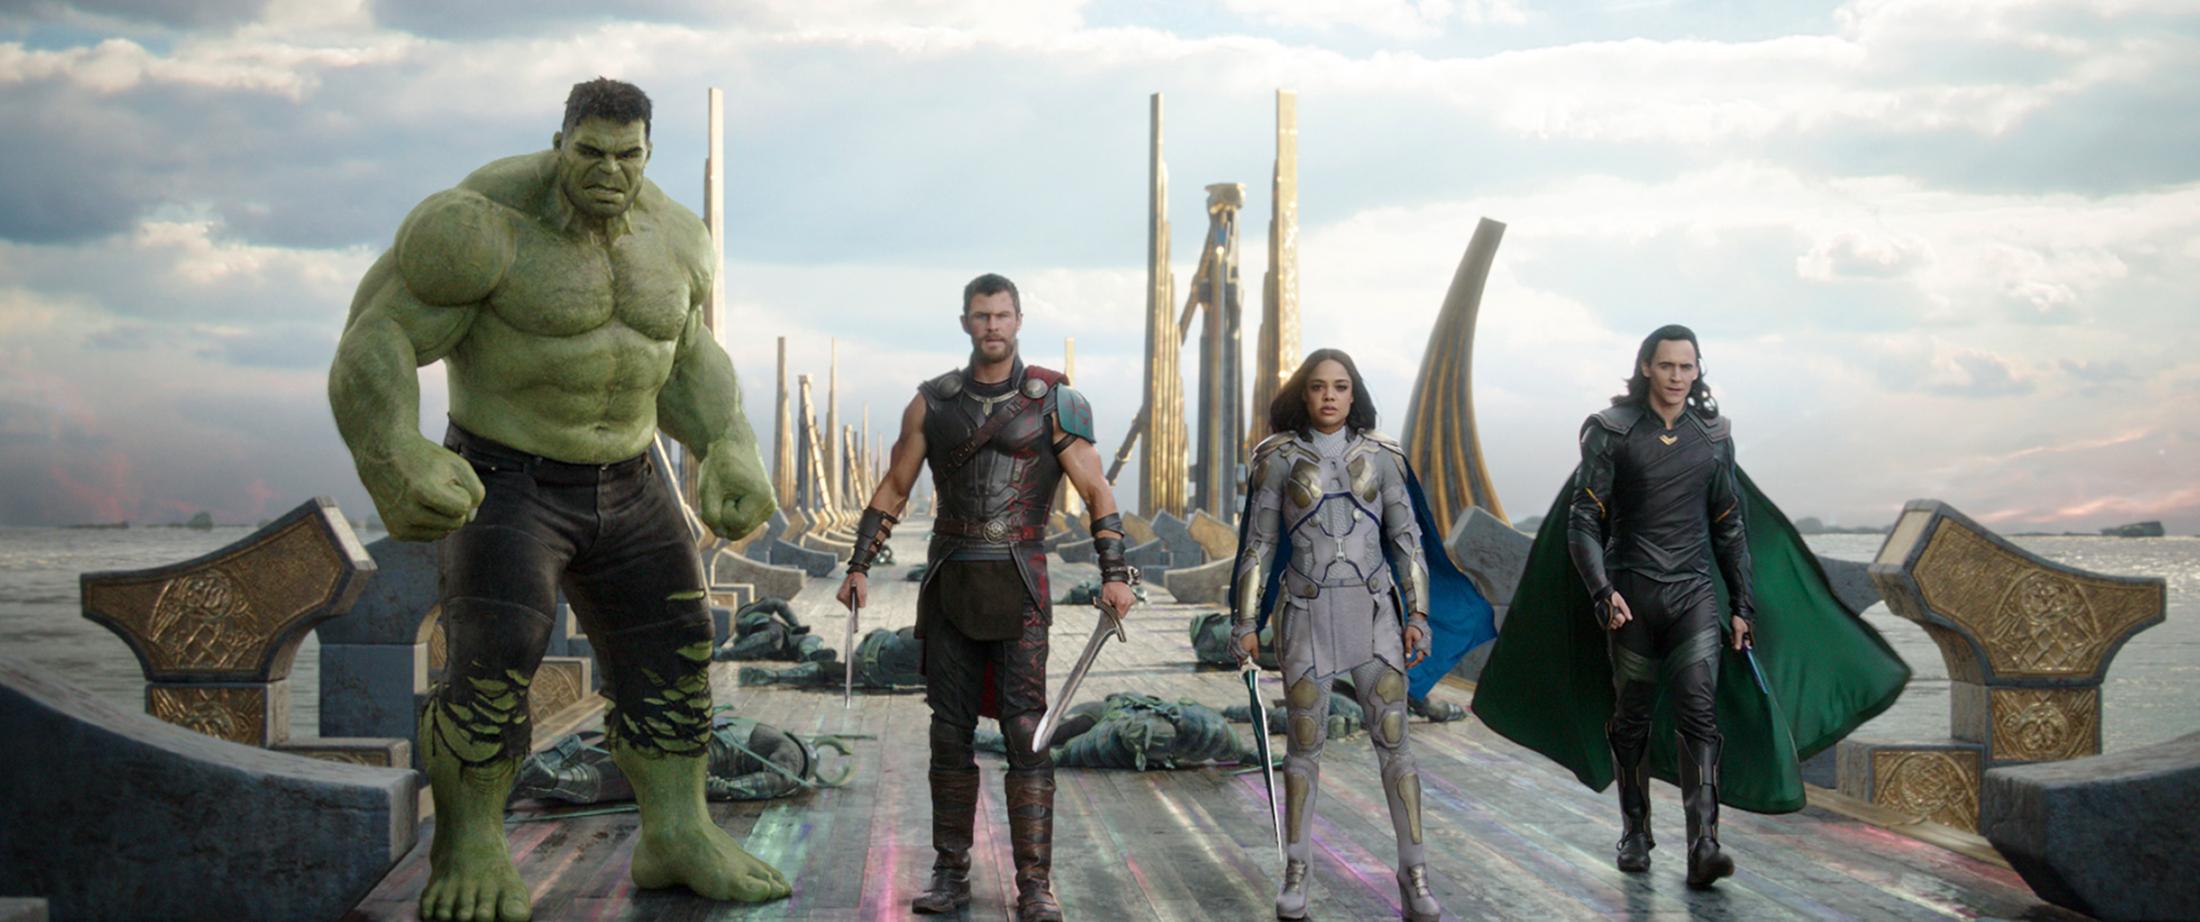 Картинки по запросу Thor: Ragnarok